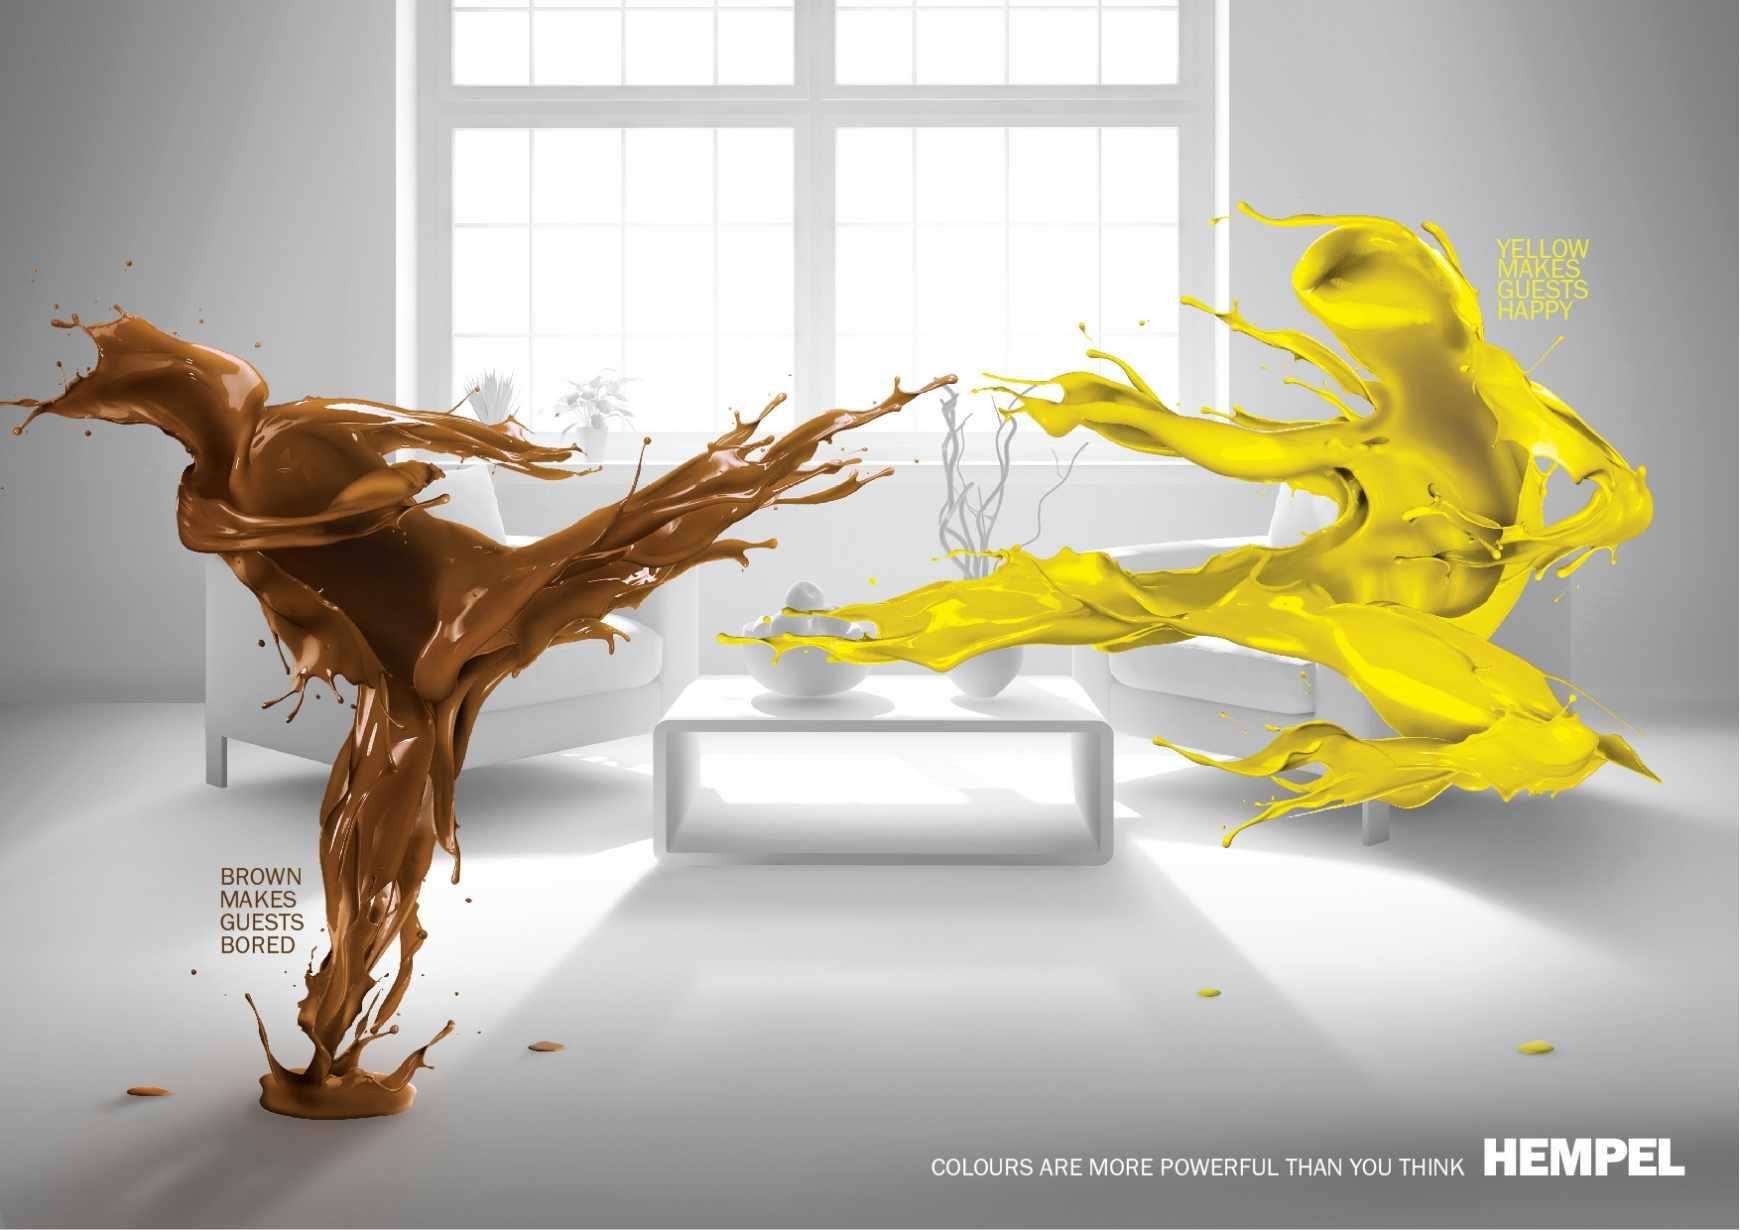 dans-ta-pub-compilation-publicité-créative-affiche-publicitaire-80-7